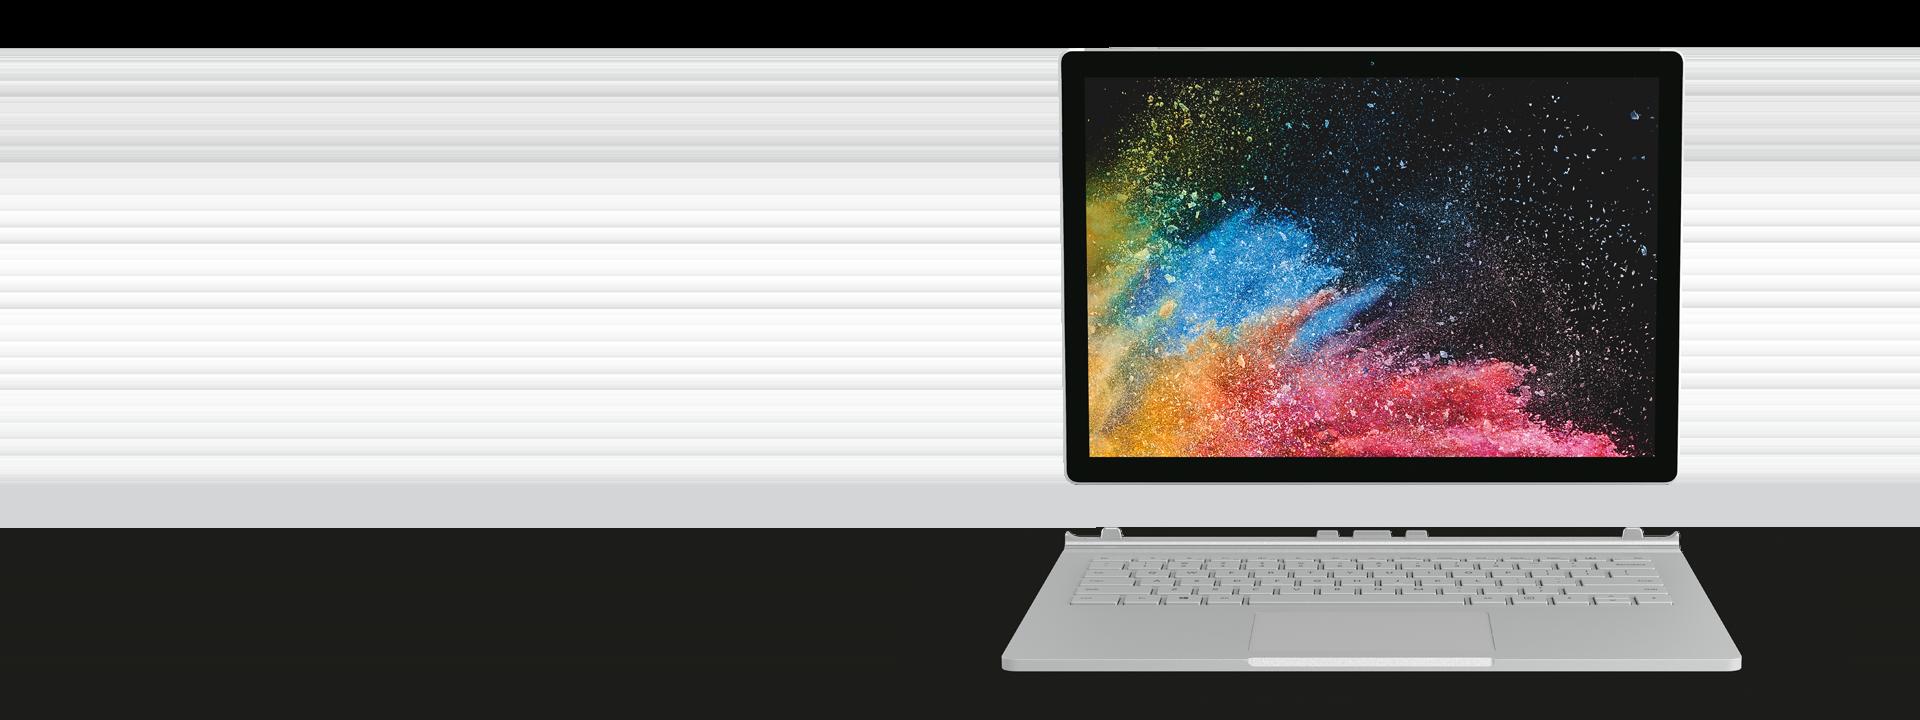 13.5 インチ PixelSense™ ディスプレイ搭載 Surface Book 2